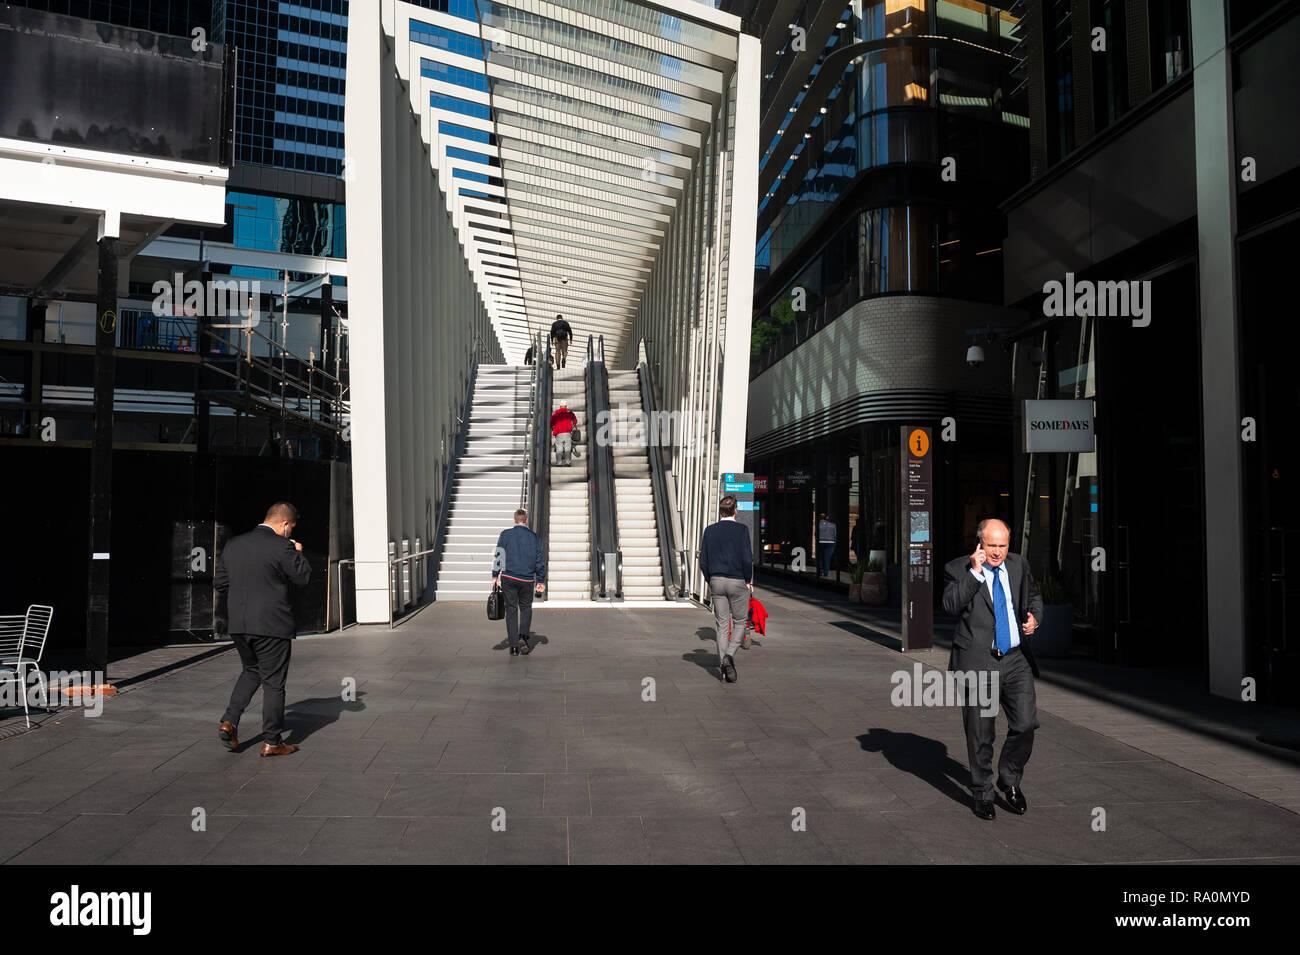 17.09.2018, Sydney, New South Wales, Australien - Menschenen Stachel in einer Fussgaengerzone im Bangkok in Barangaroo südlich der modernen Stockbild